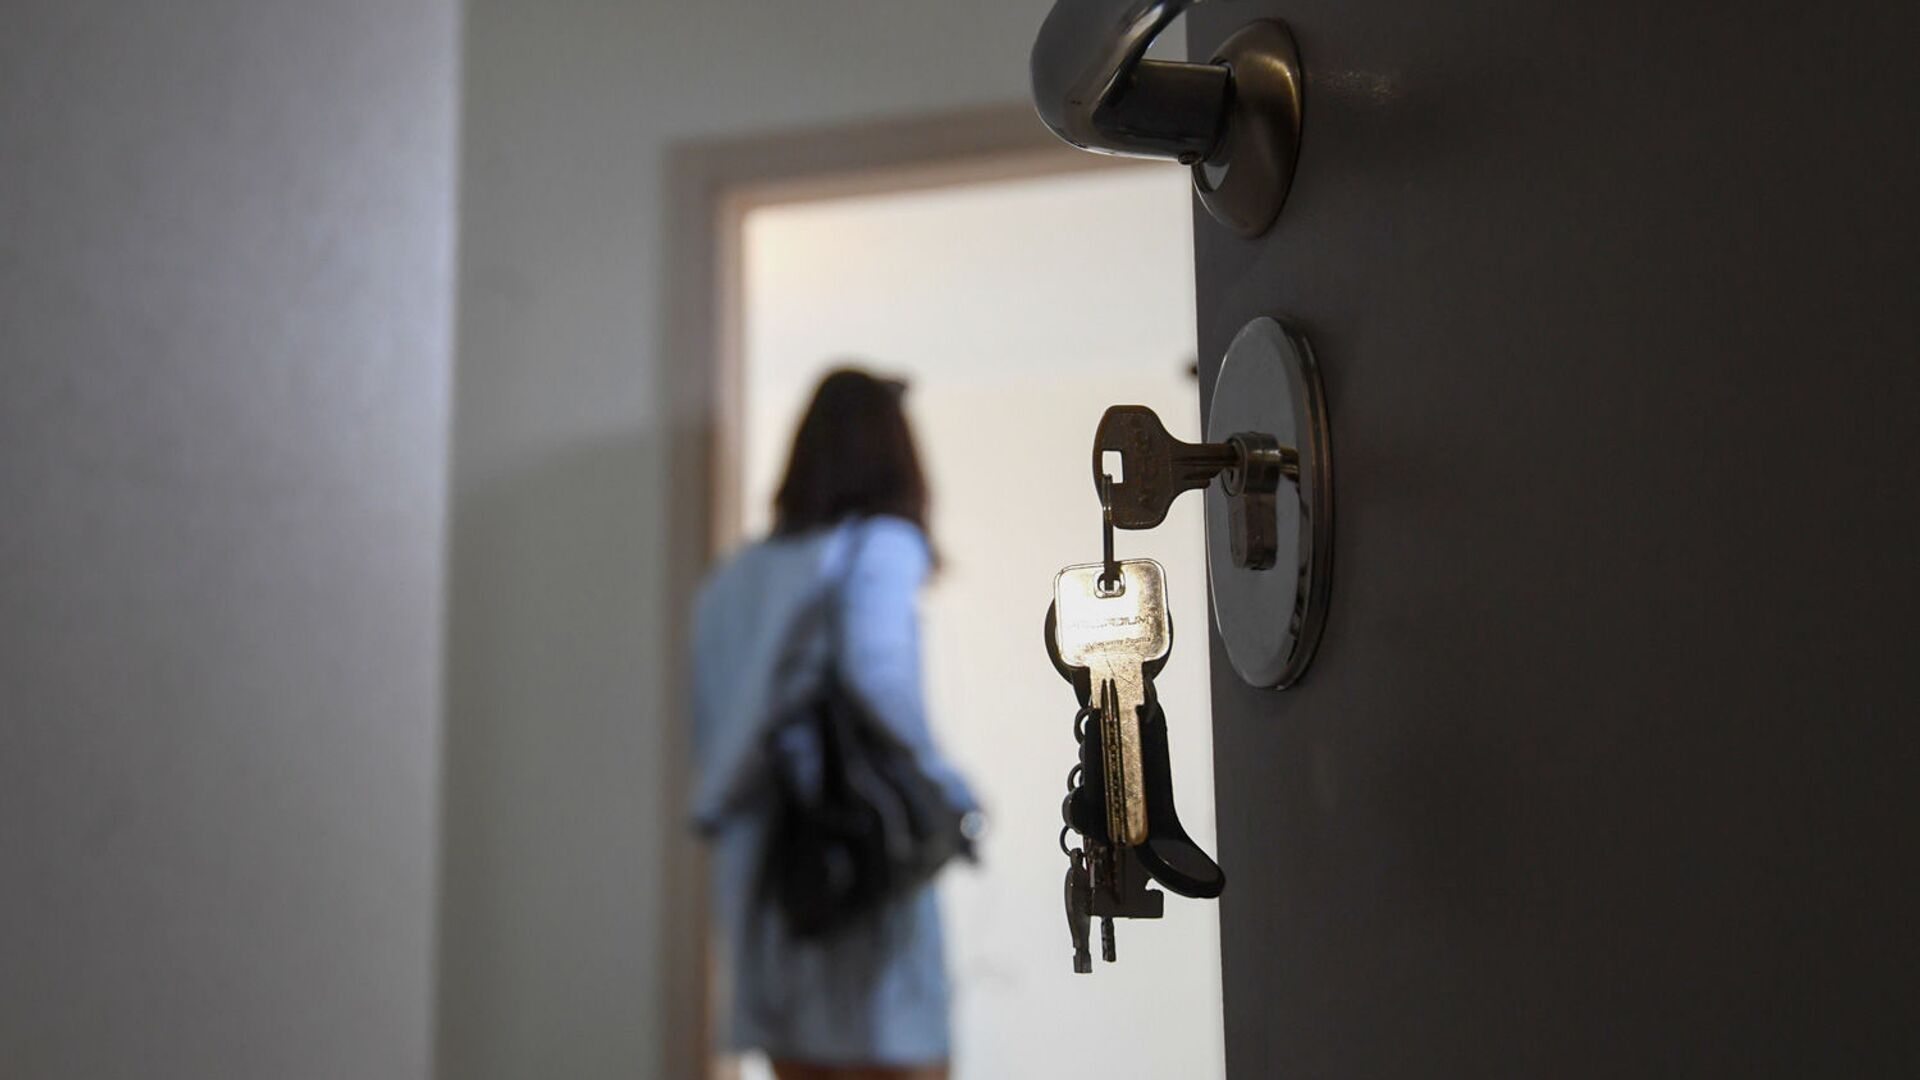 Входная дверь в одной из квартир многоэтажного жилого дома - РИА Новости, 1920, 26.01.2021